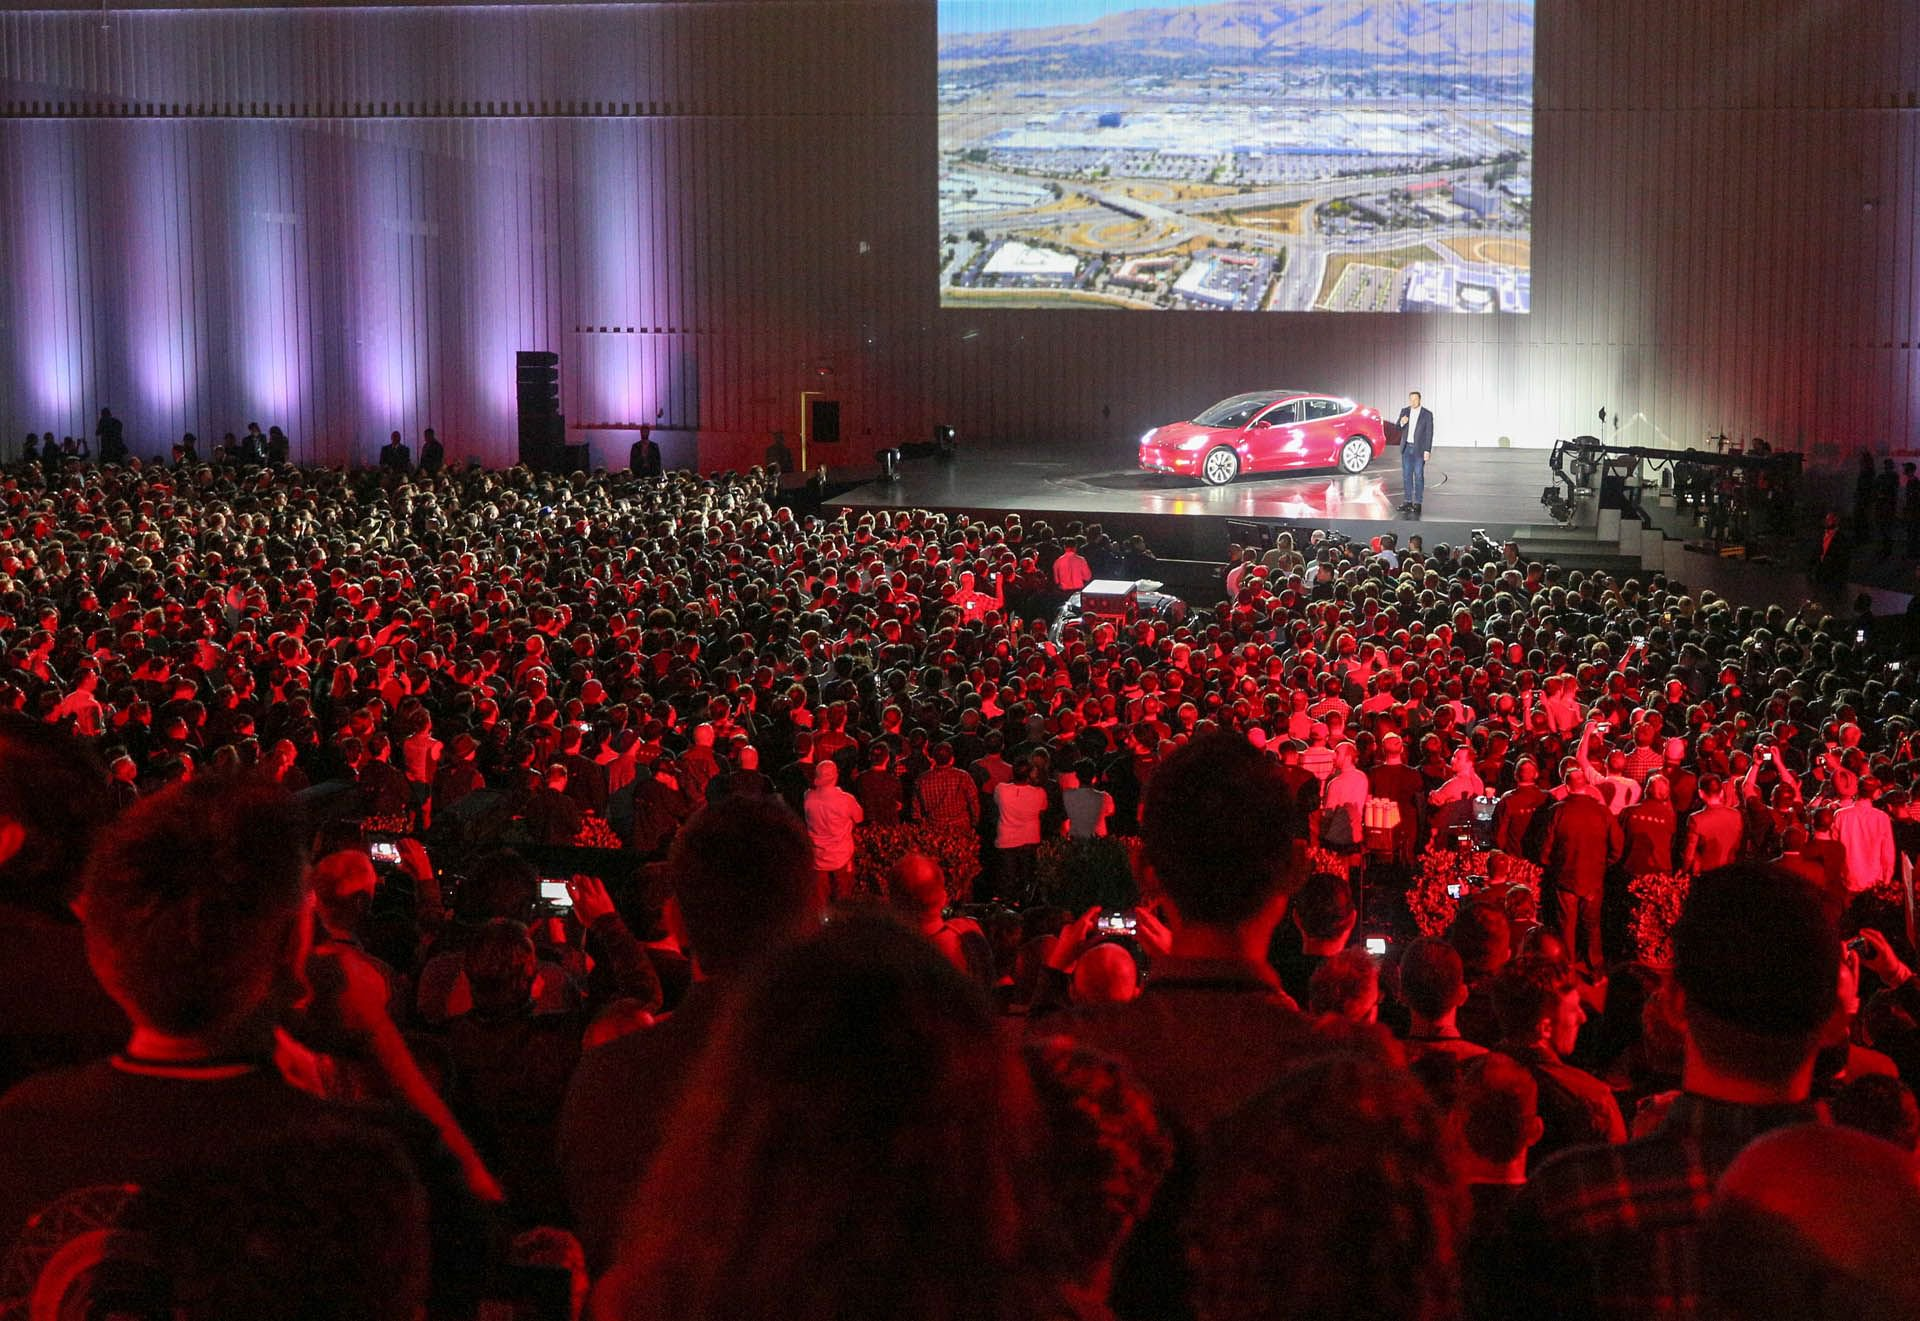 tesla-model-3-delivery-event-crowd.jpg